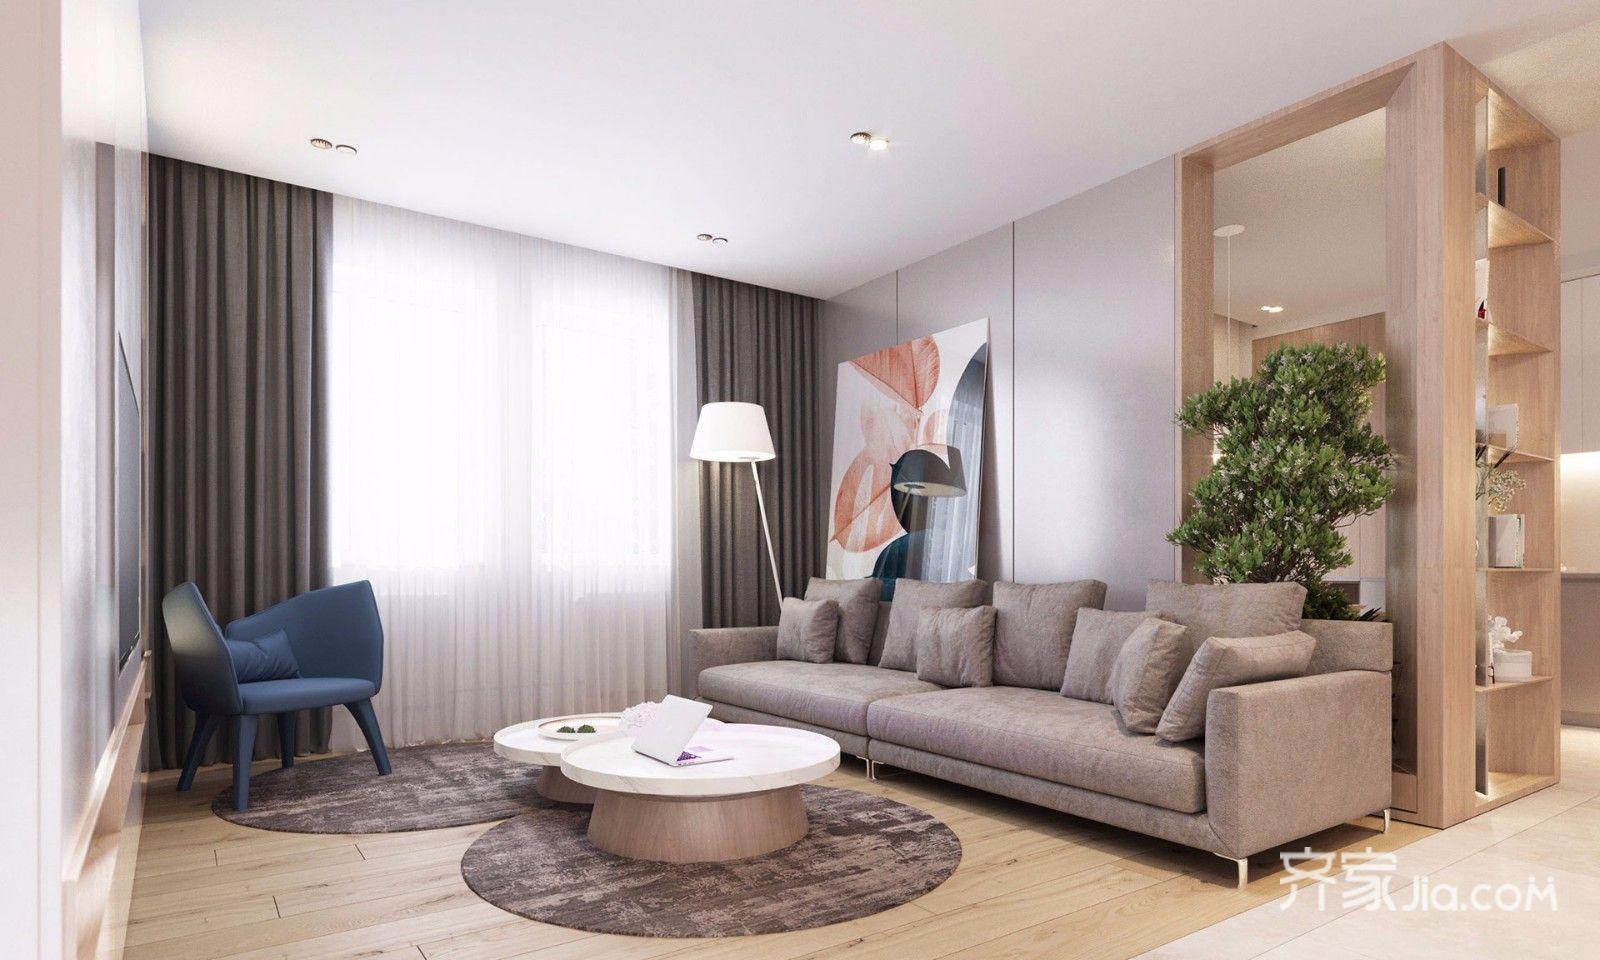 现代风格公寓客厅装修效果图